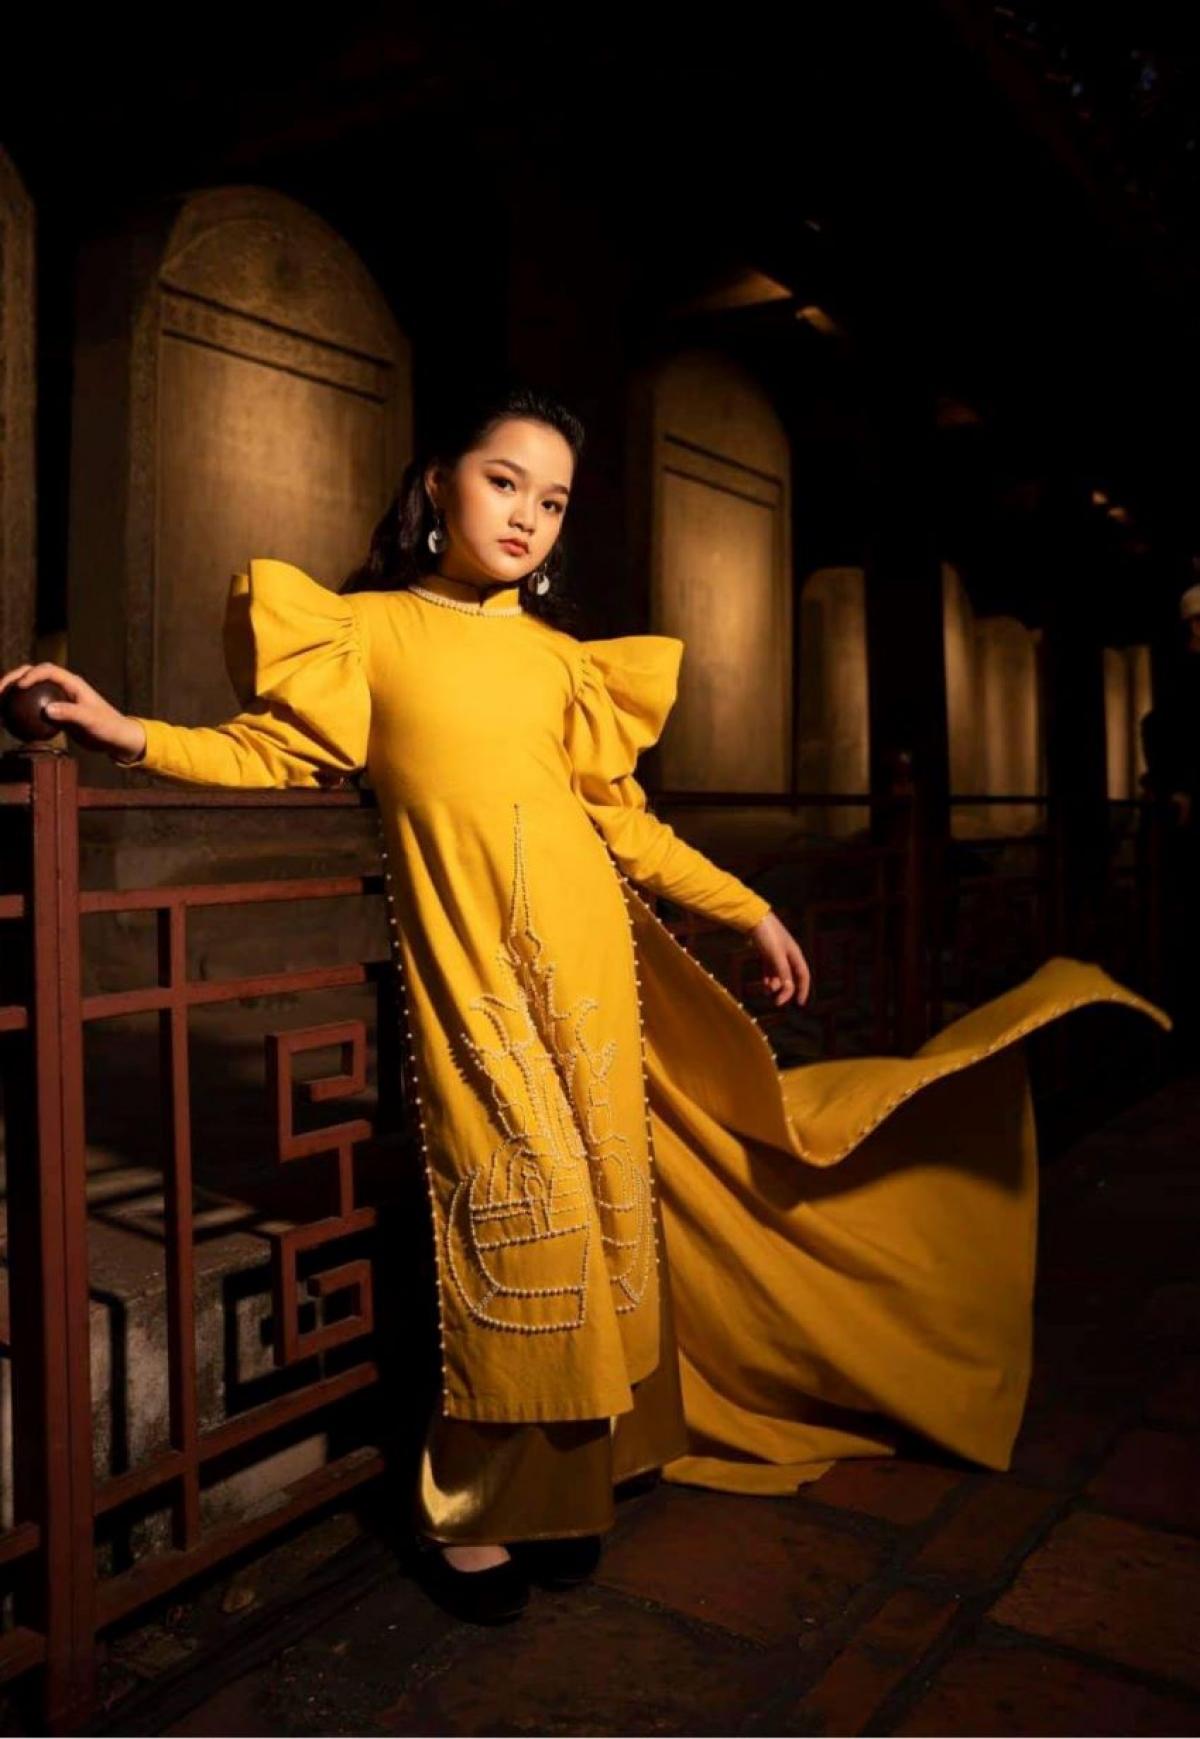 Từ cô con gái ngoan của cha mẹ đến gương mặt nổi trội đầy tiềm năng của làng người mẫu Việt Nam - Jenny Bảo Vy